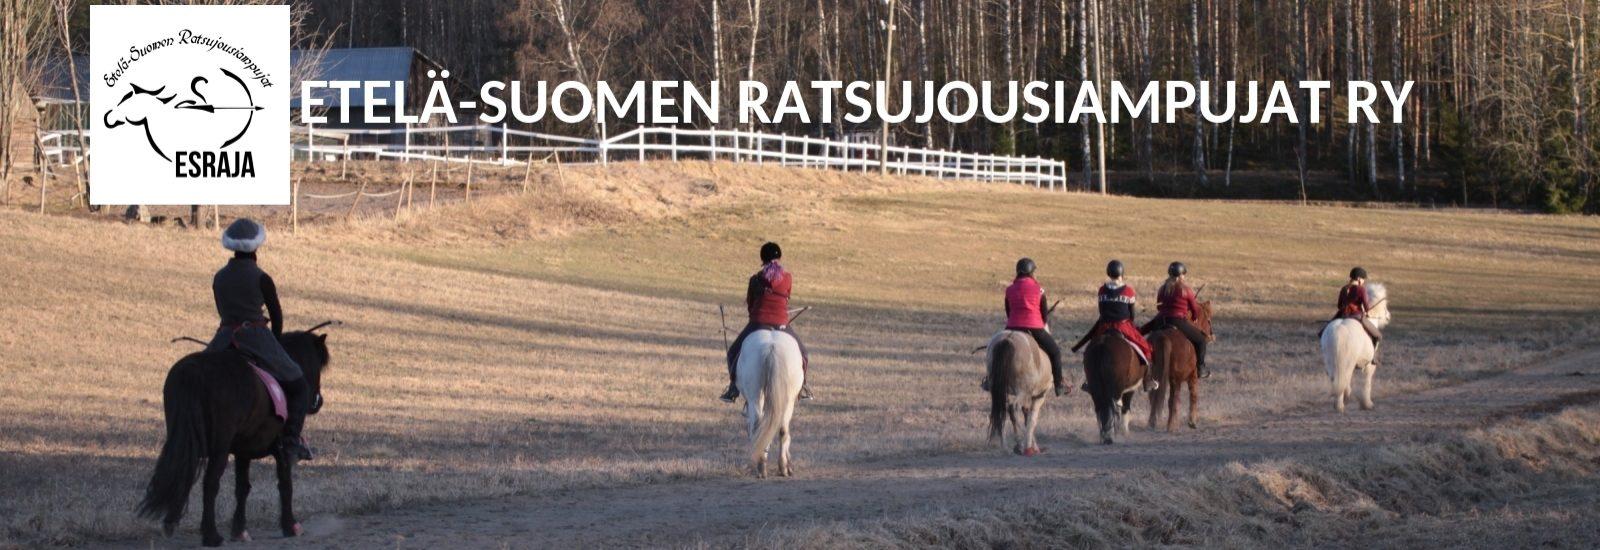 Etelä-Suomen Ratsujousiampujat ry